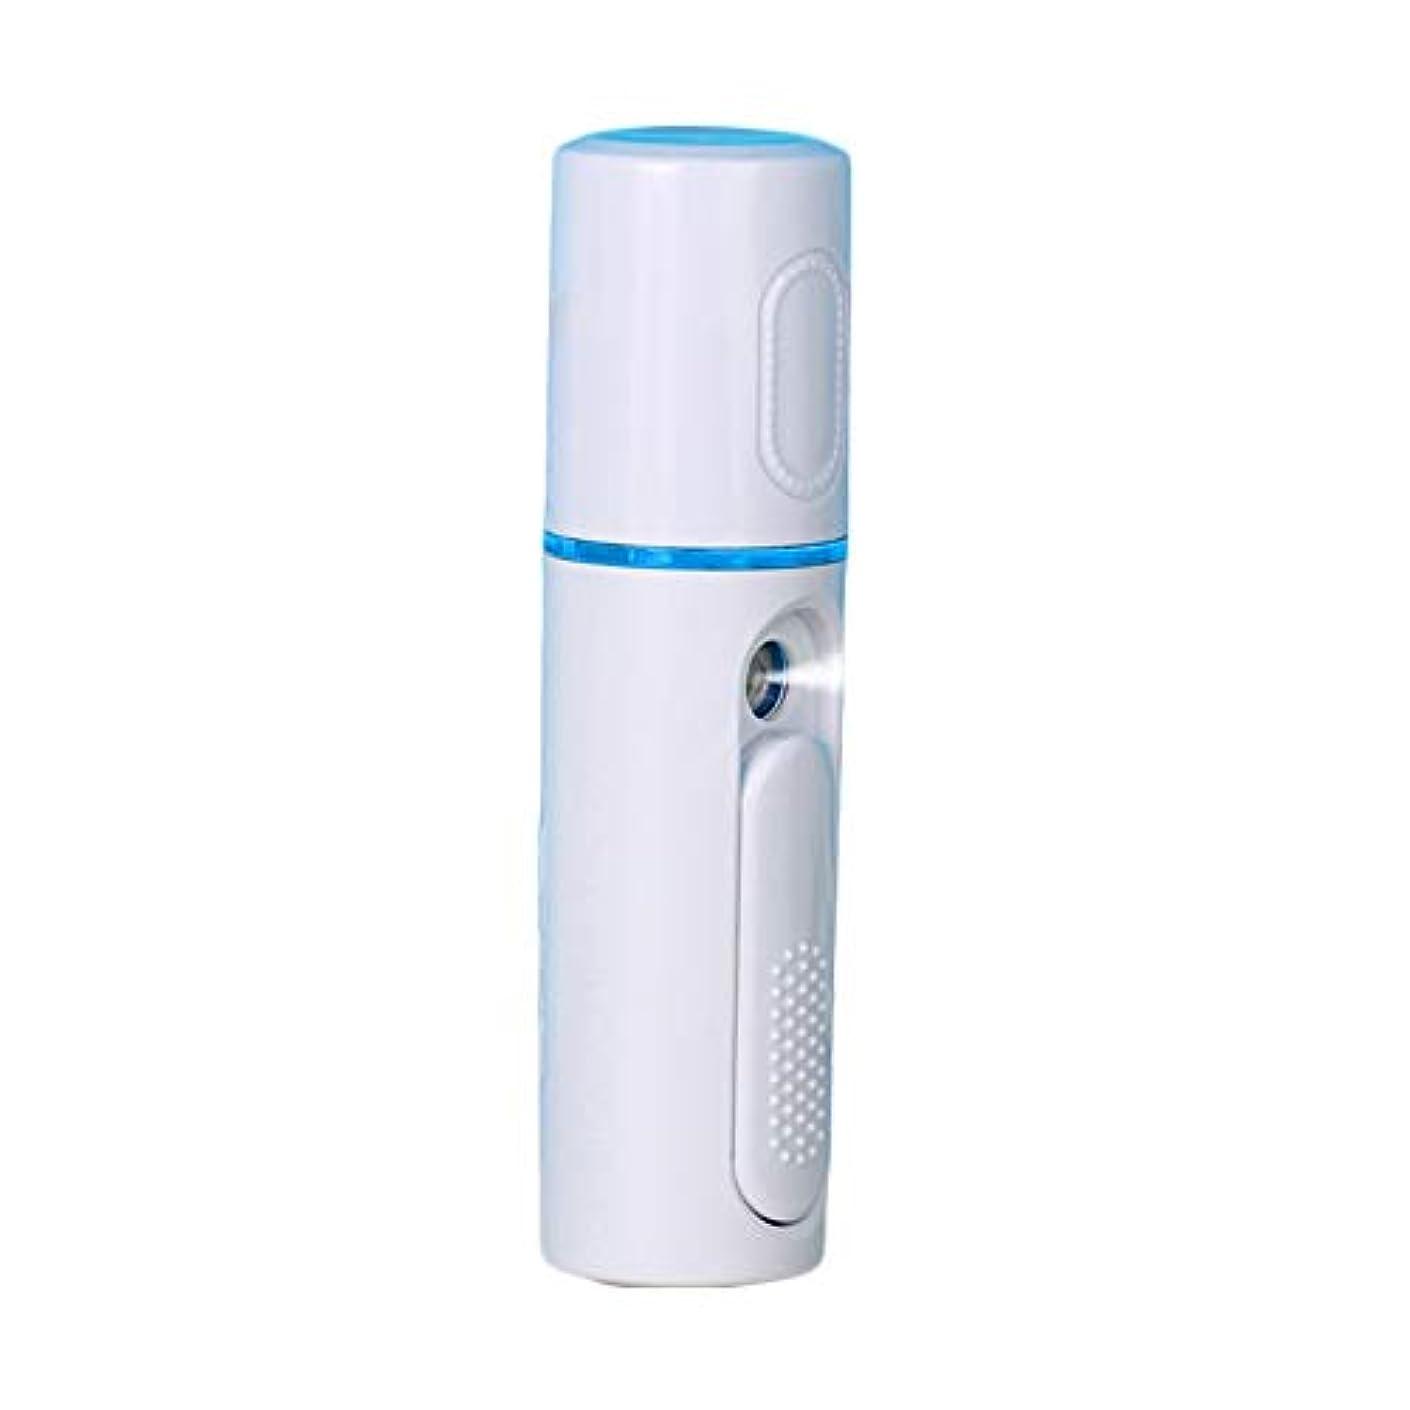 いとこほこりっぽい腸美顔器 噴霧式 ミニ携帯 ハンディ 美顔スプレー保湿 美白顔用加湿器 フェイススチーマー 補水美容器 小型 ナノミスト USB